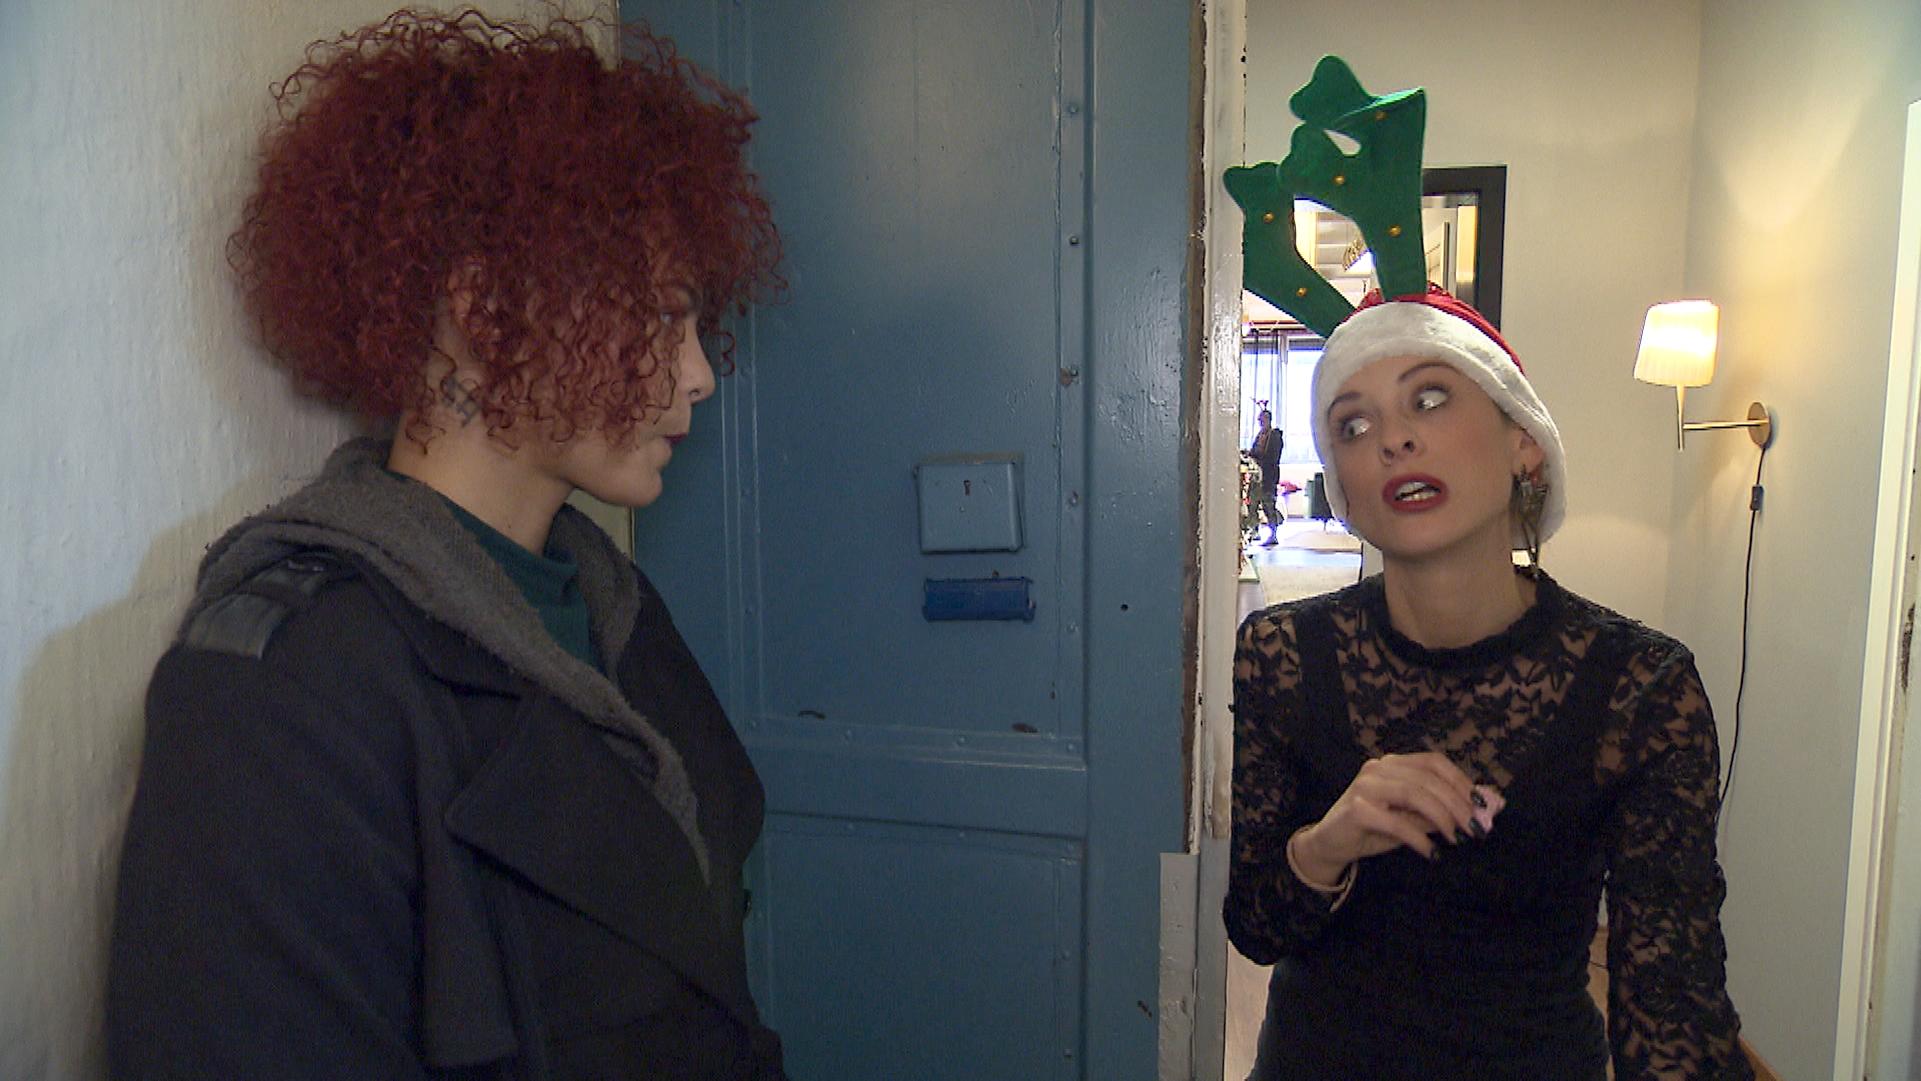 Die Matrix-Mitarbeiter planen ihre Weihnachtsfeier. Lou (re.) schließt Jessica (li.) demonstrativ aus, worauf diese mit Trotz reagiert.. (Quelle: RTL 2)